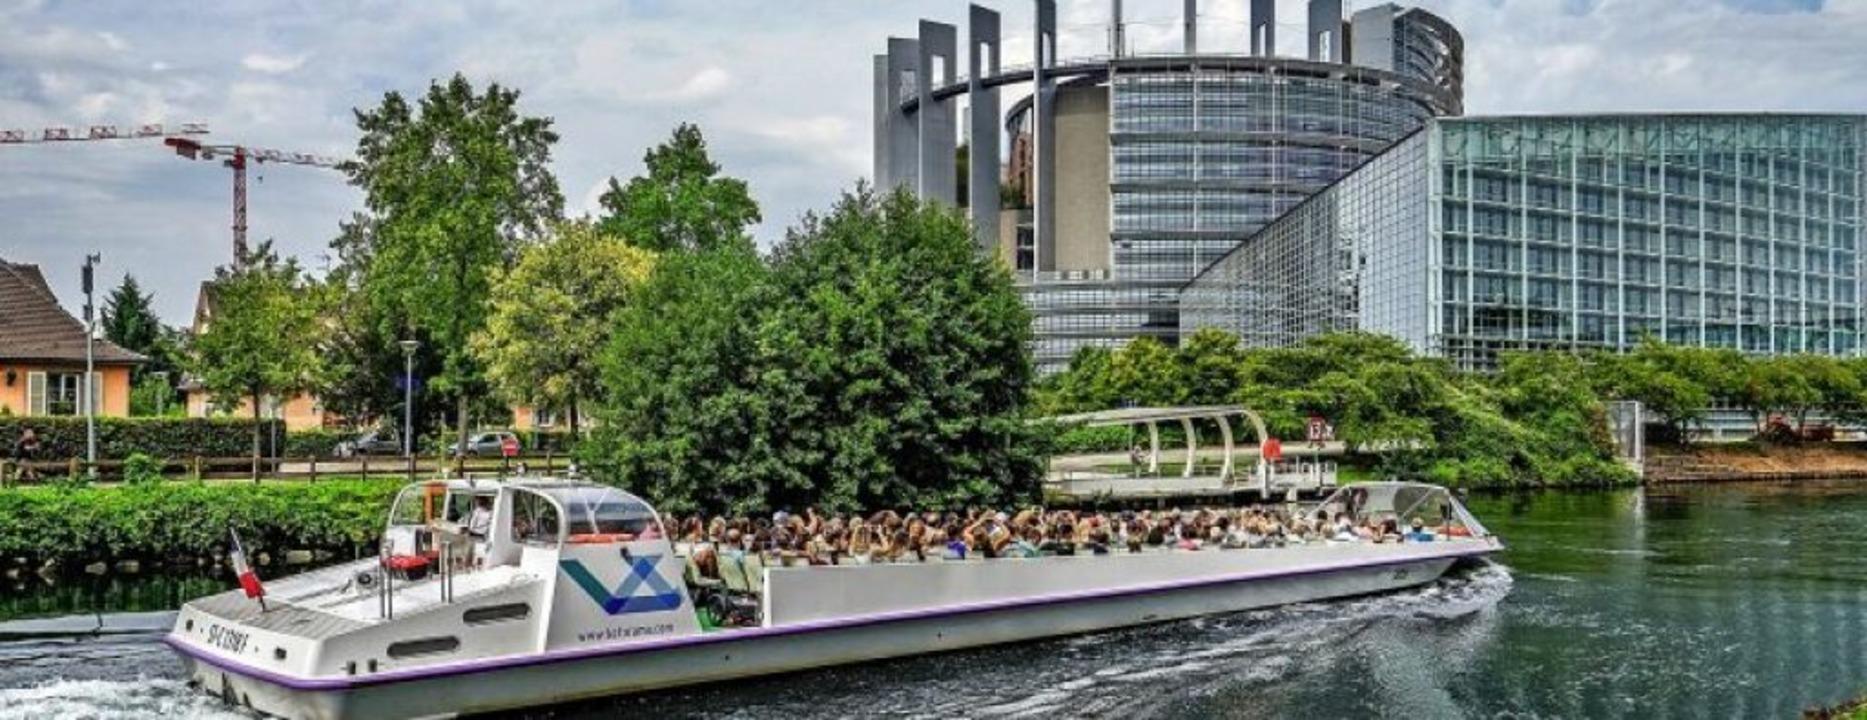 Ein Bild aus besseren Tagen: Volle Tou...Straßburg noch längst nicht in Sicht.   | Foto: teli